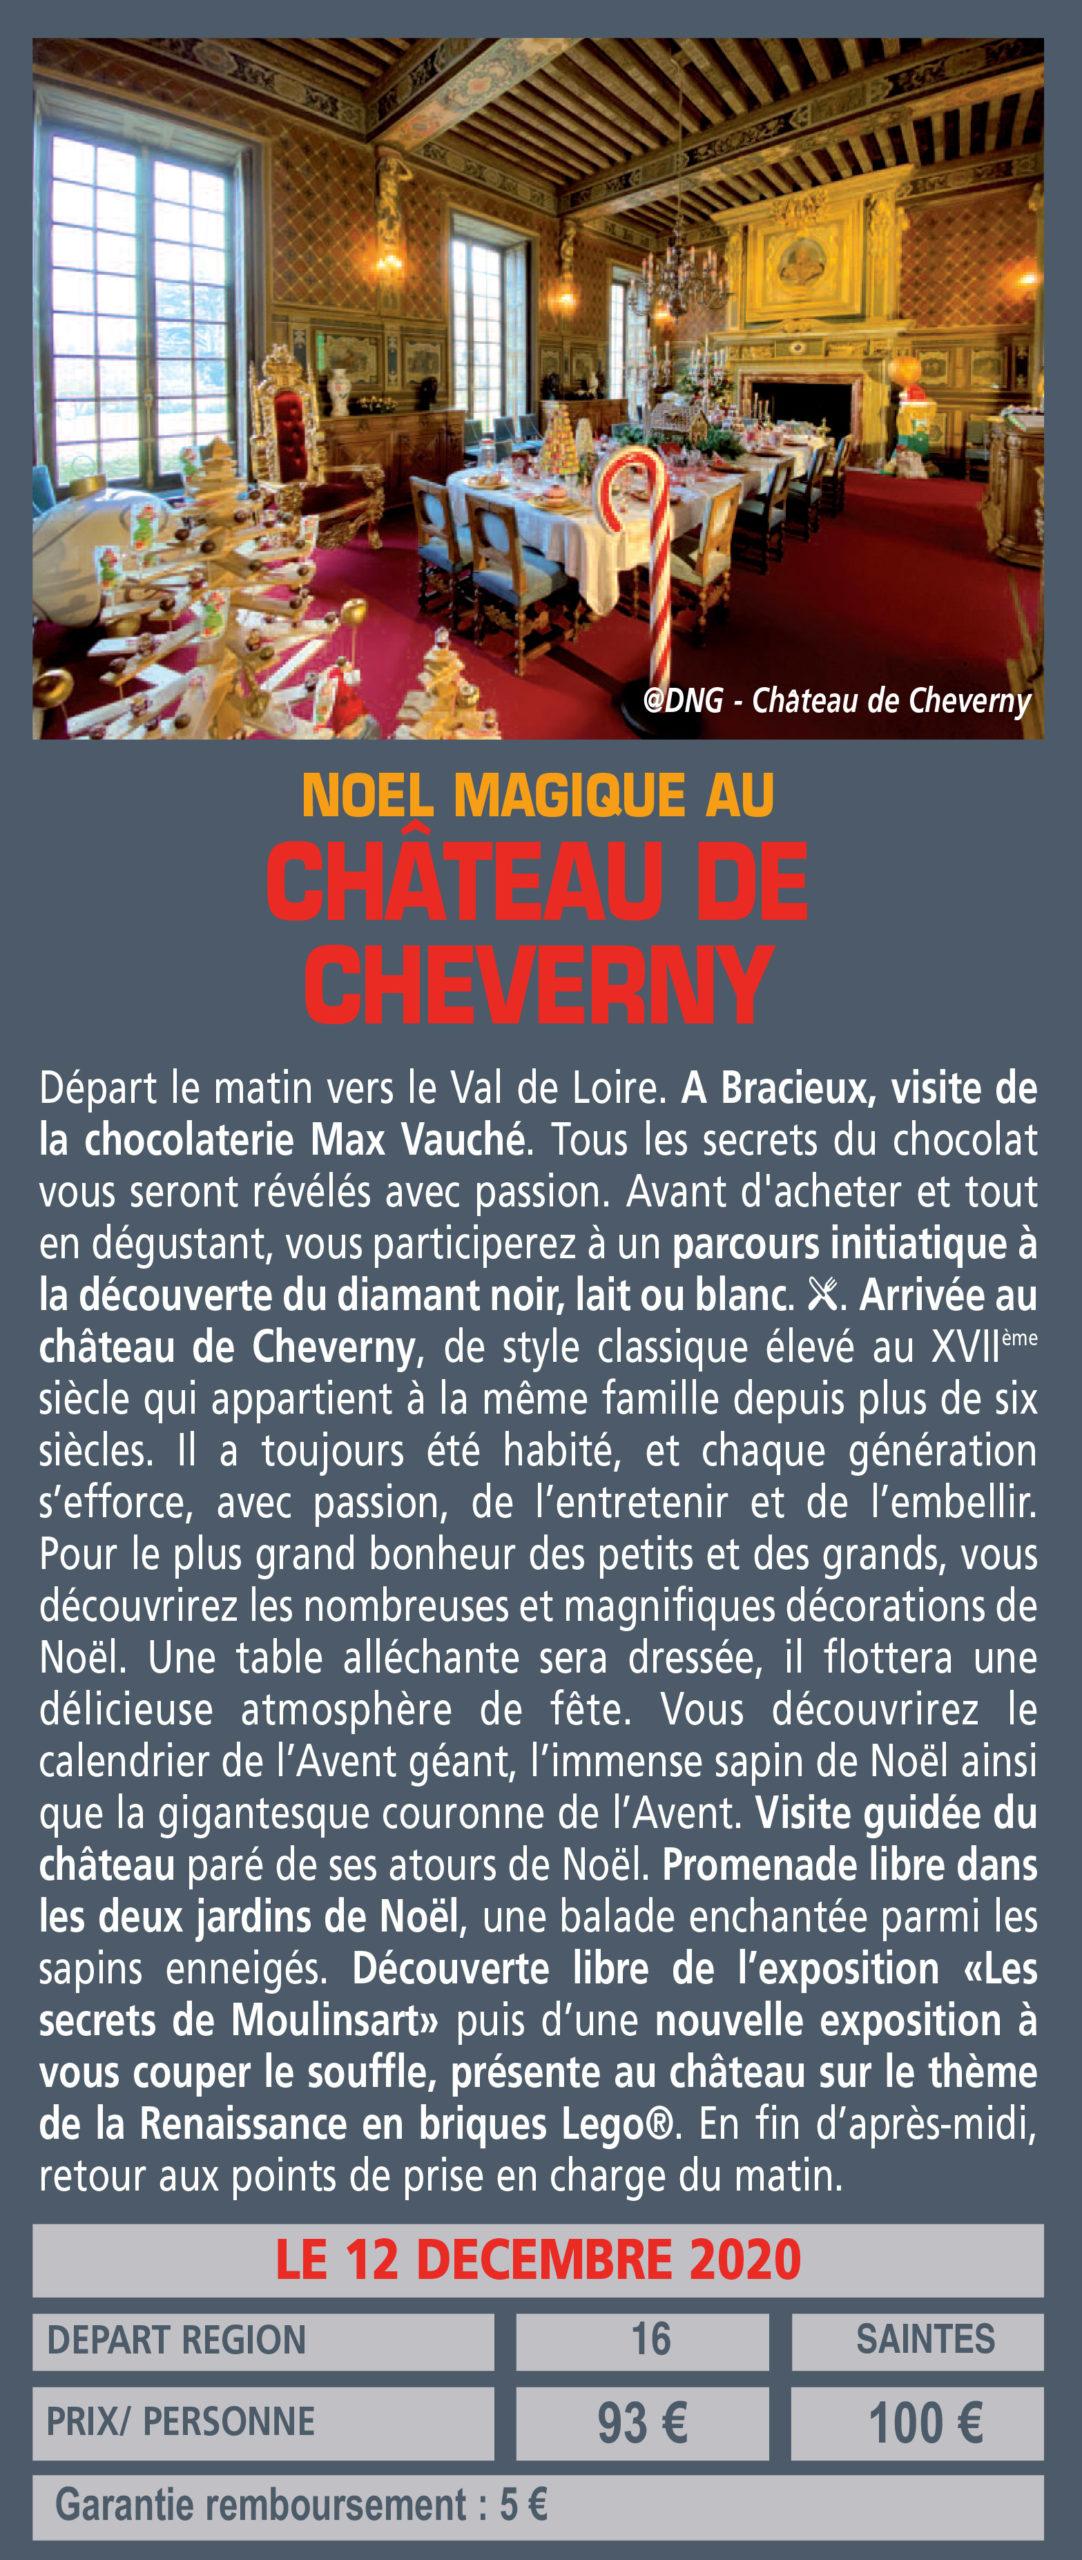 NOEL MAGIQUE AU CHÂTEAU DE CHEVERNY